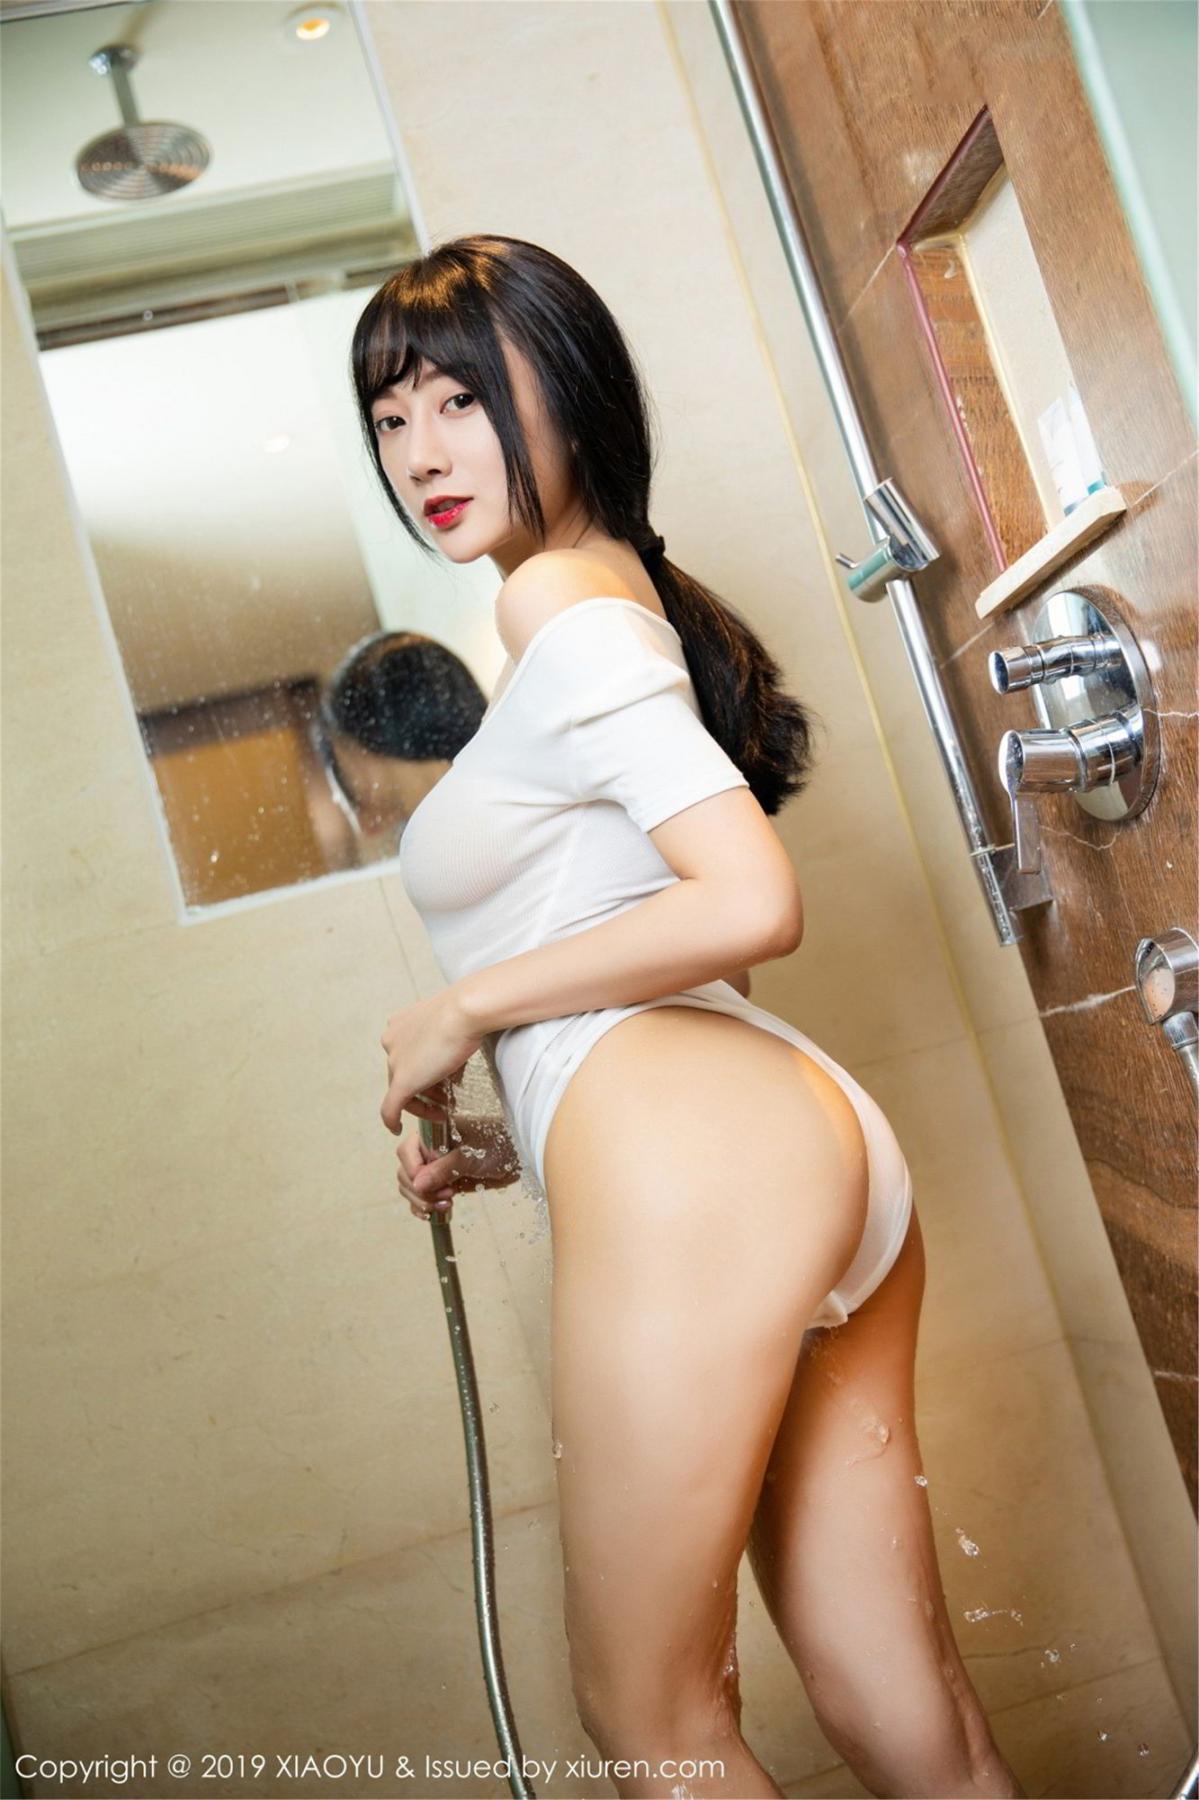 [XiaoYu] Vol.116 He Jia Ying 38P, Bathroom, He Jia Ying, Wet, XiaoYu